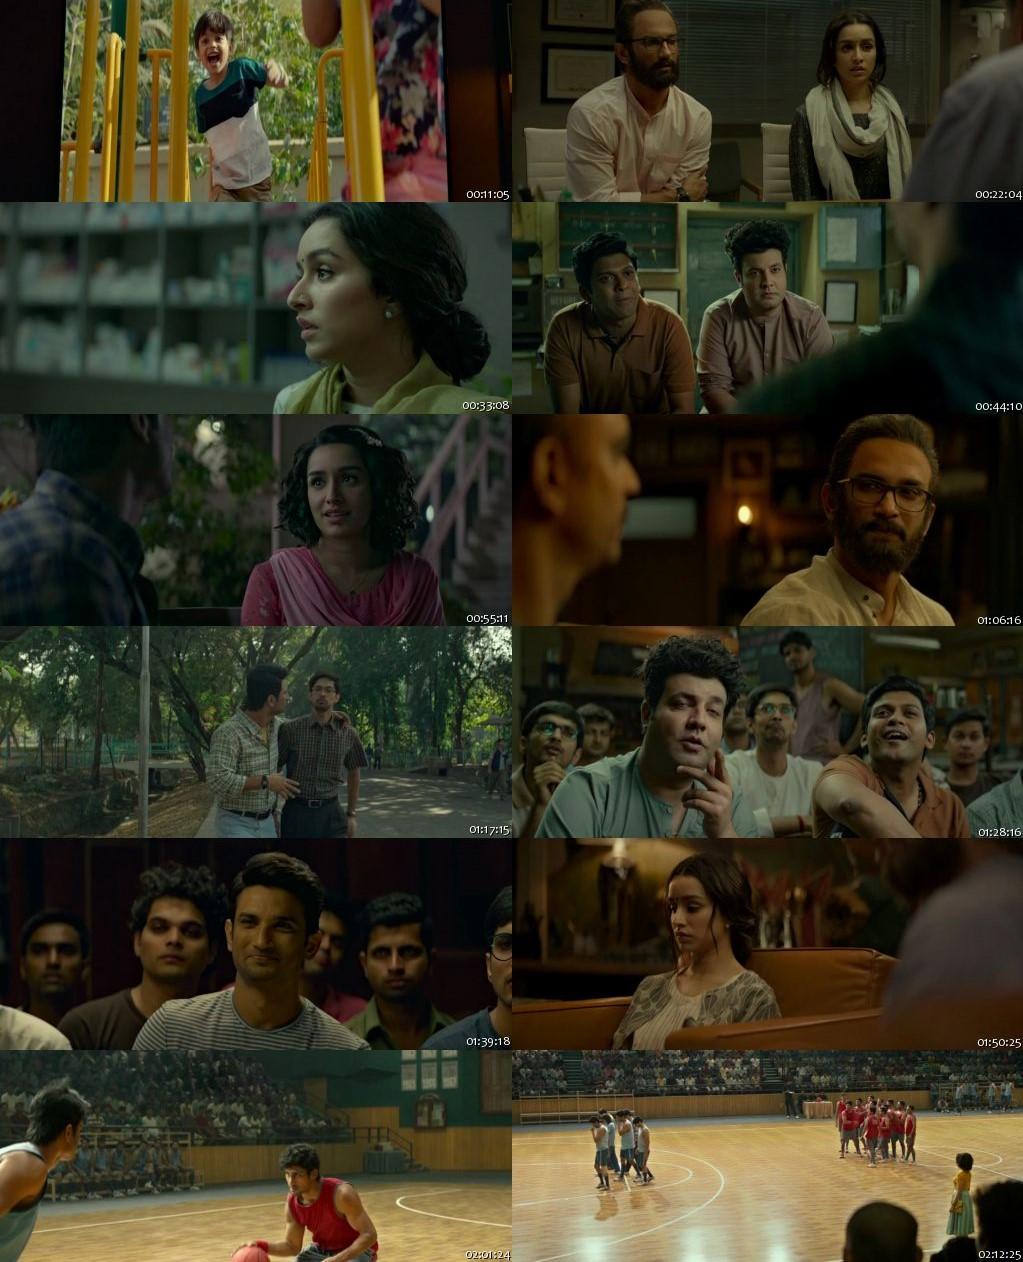 Chhichhore 2019 Full Hindi Movie Online Watch BRRip 720p